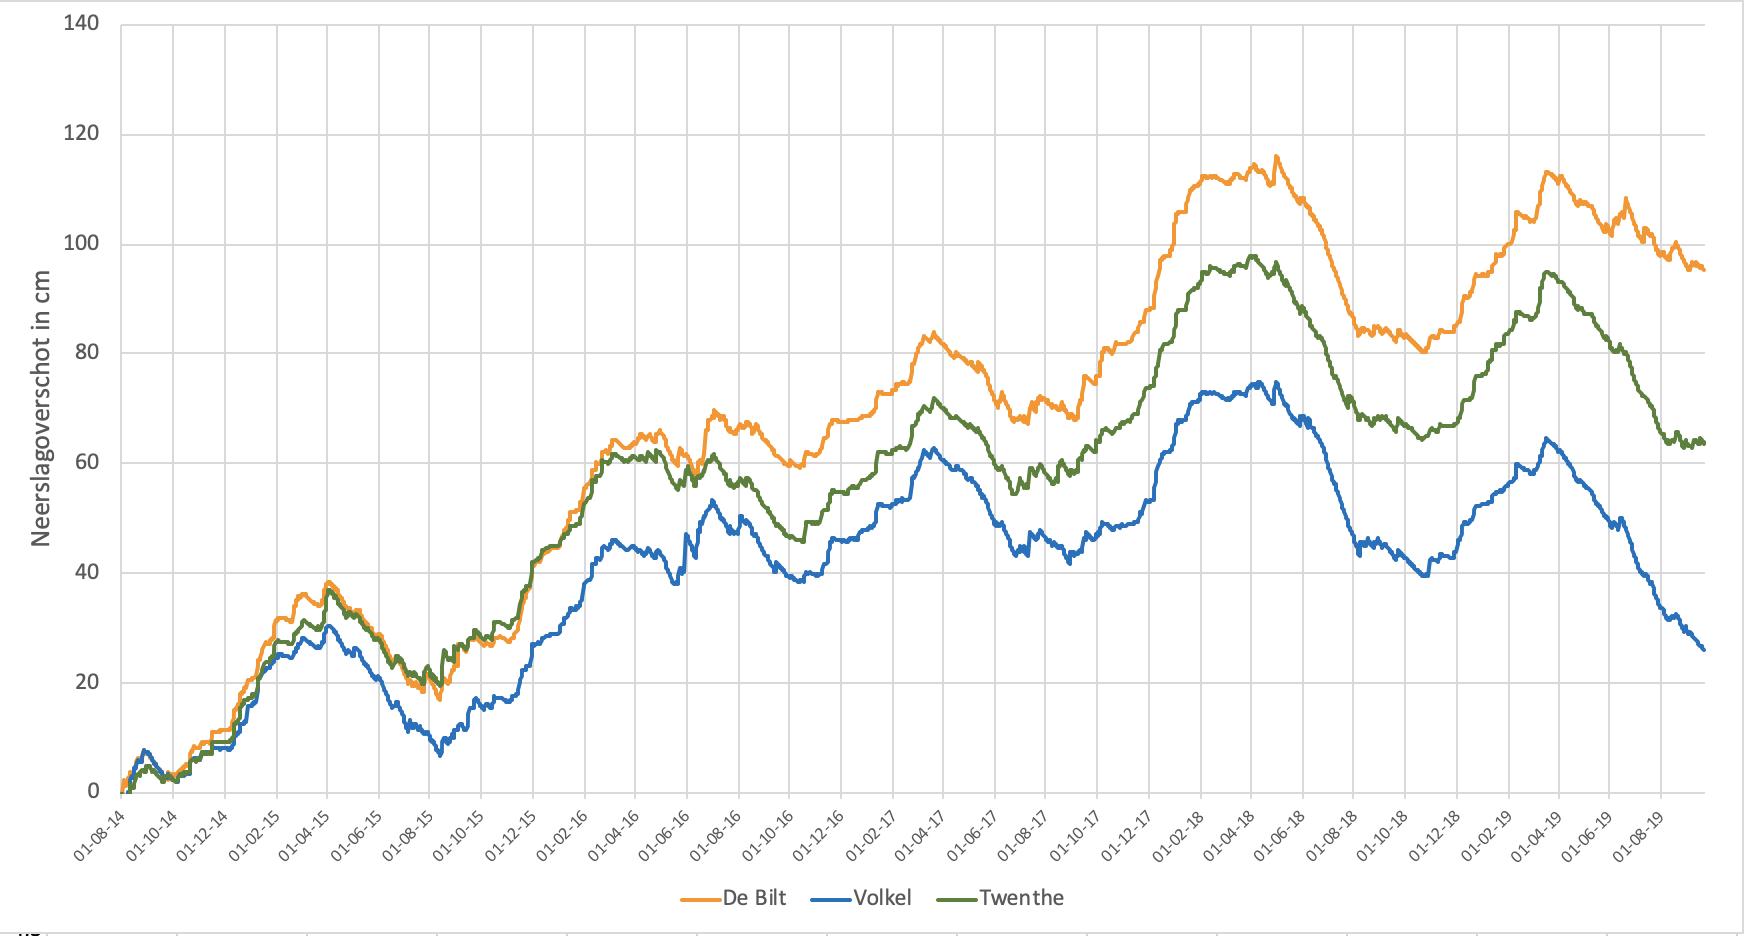 Het cummulatief neerslagoverschot over de afgelopen 5 jaar voor De Bilt (oranje lijn), Twenthe (groen) en Volkel (blauw).